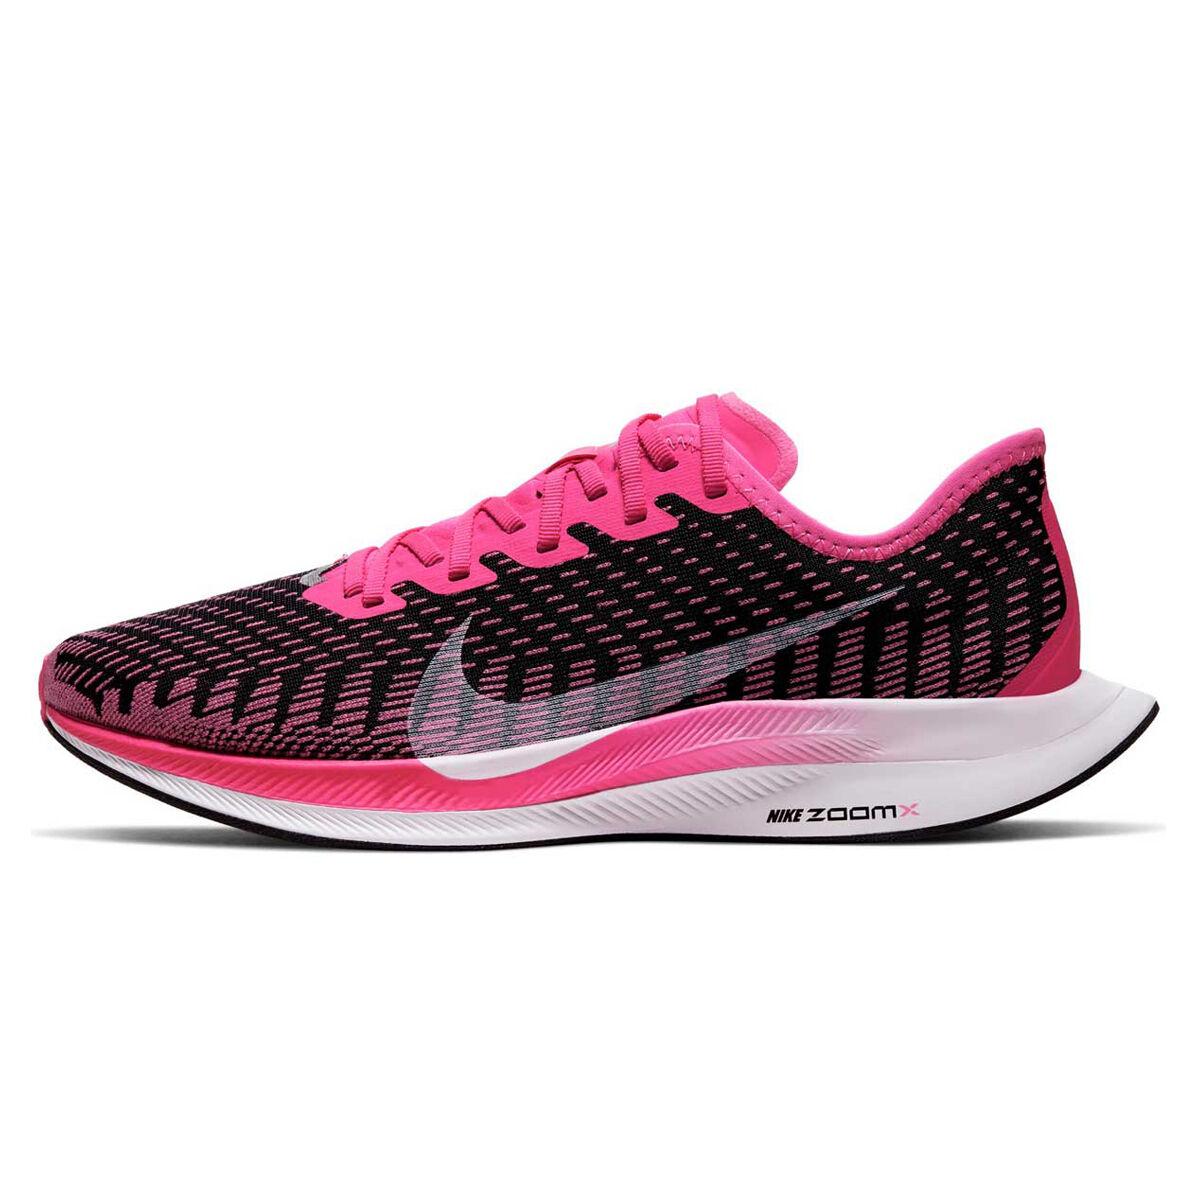 Womens Running Shoes Womens Runners rebel